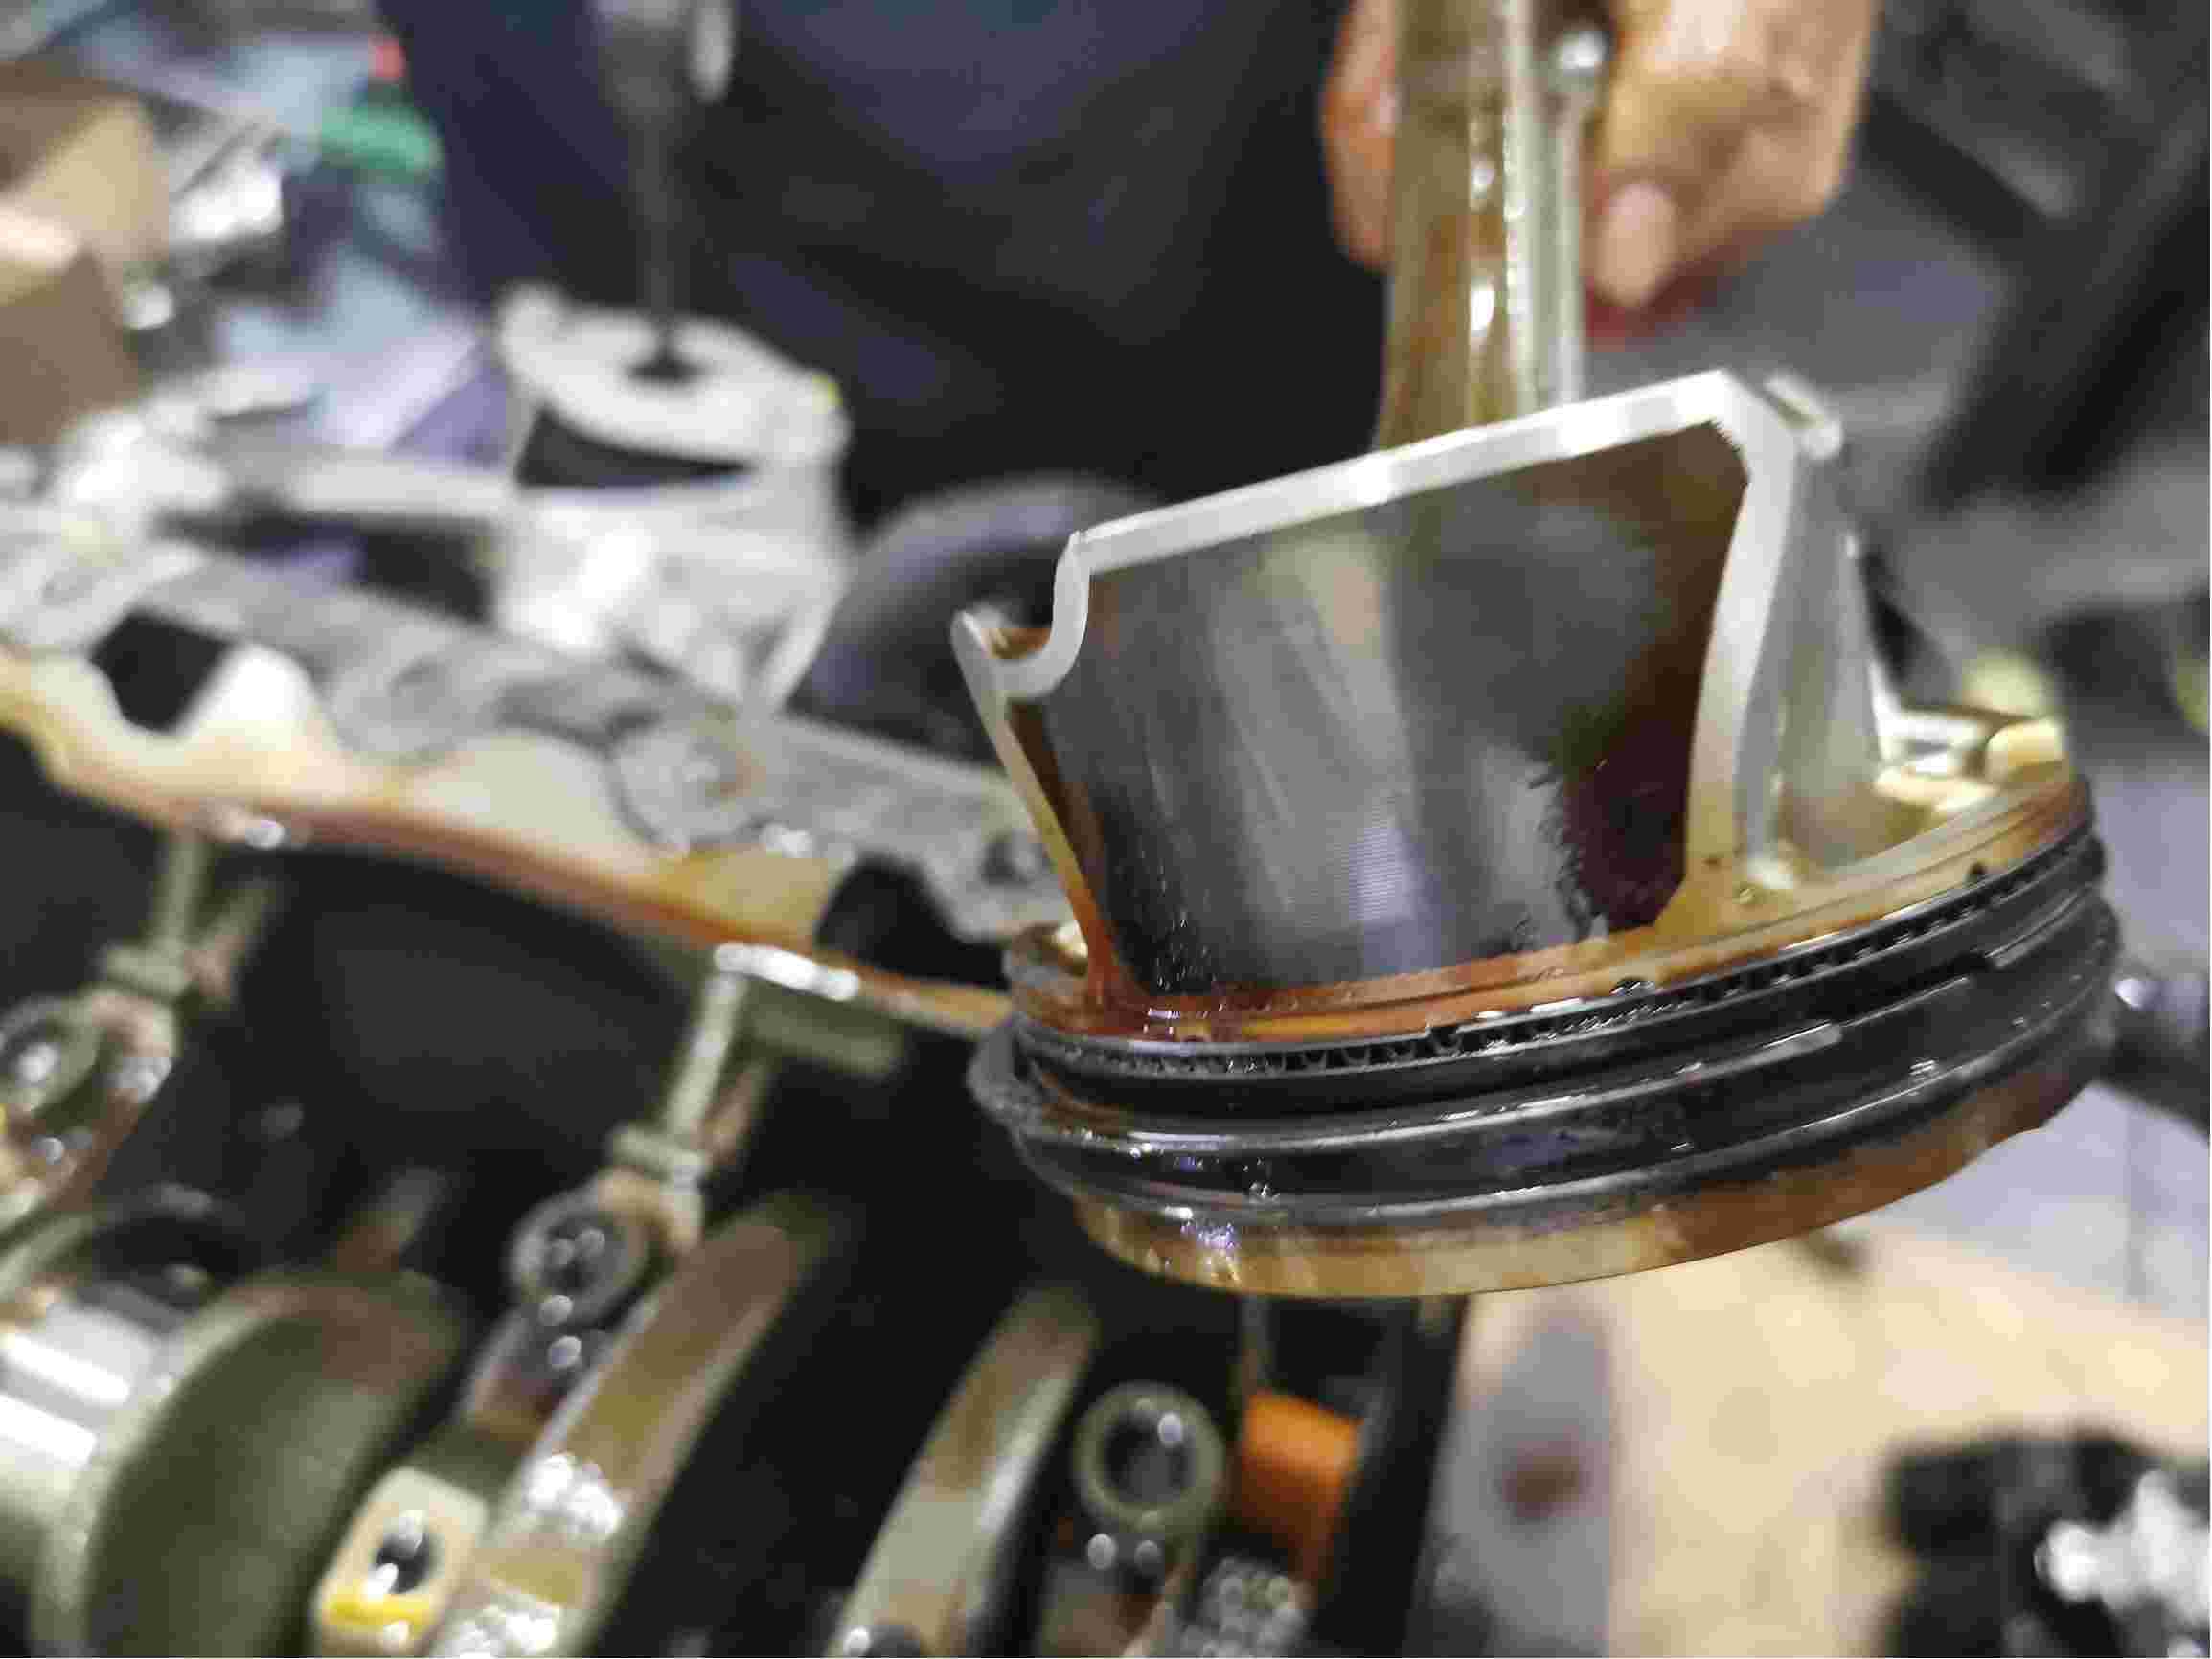 胎压监测仪失灵,发动机故障灯不亮造成发动机烧毁